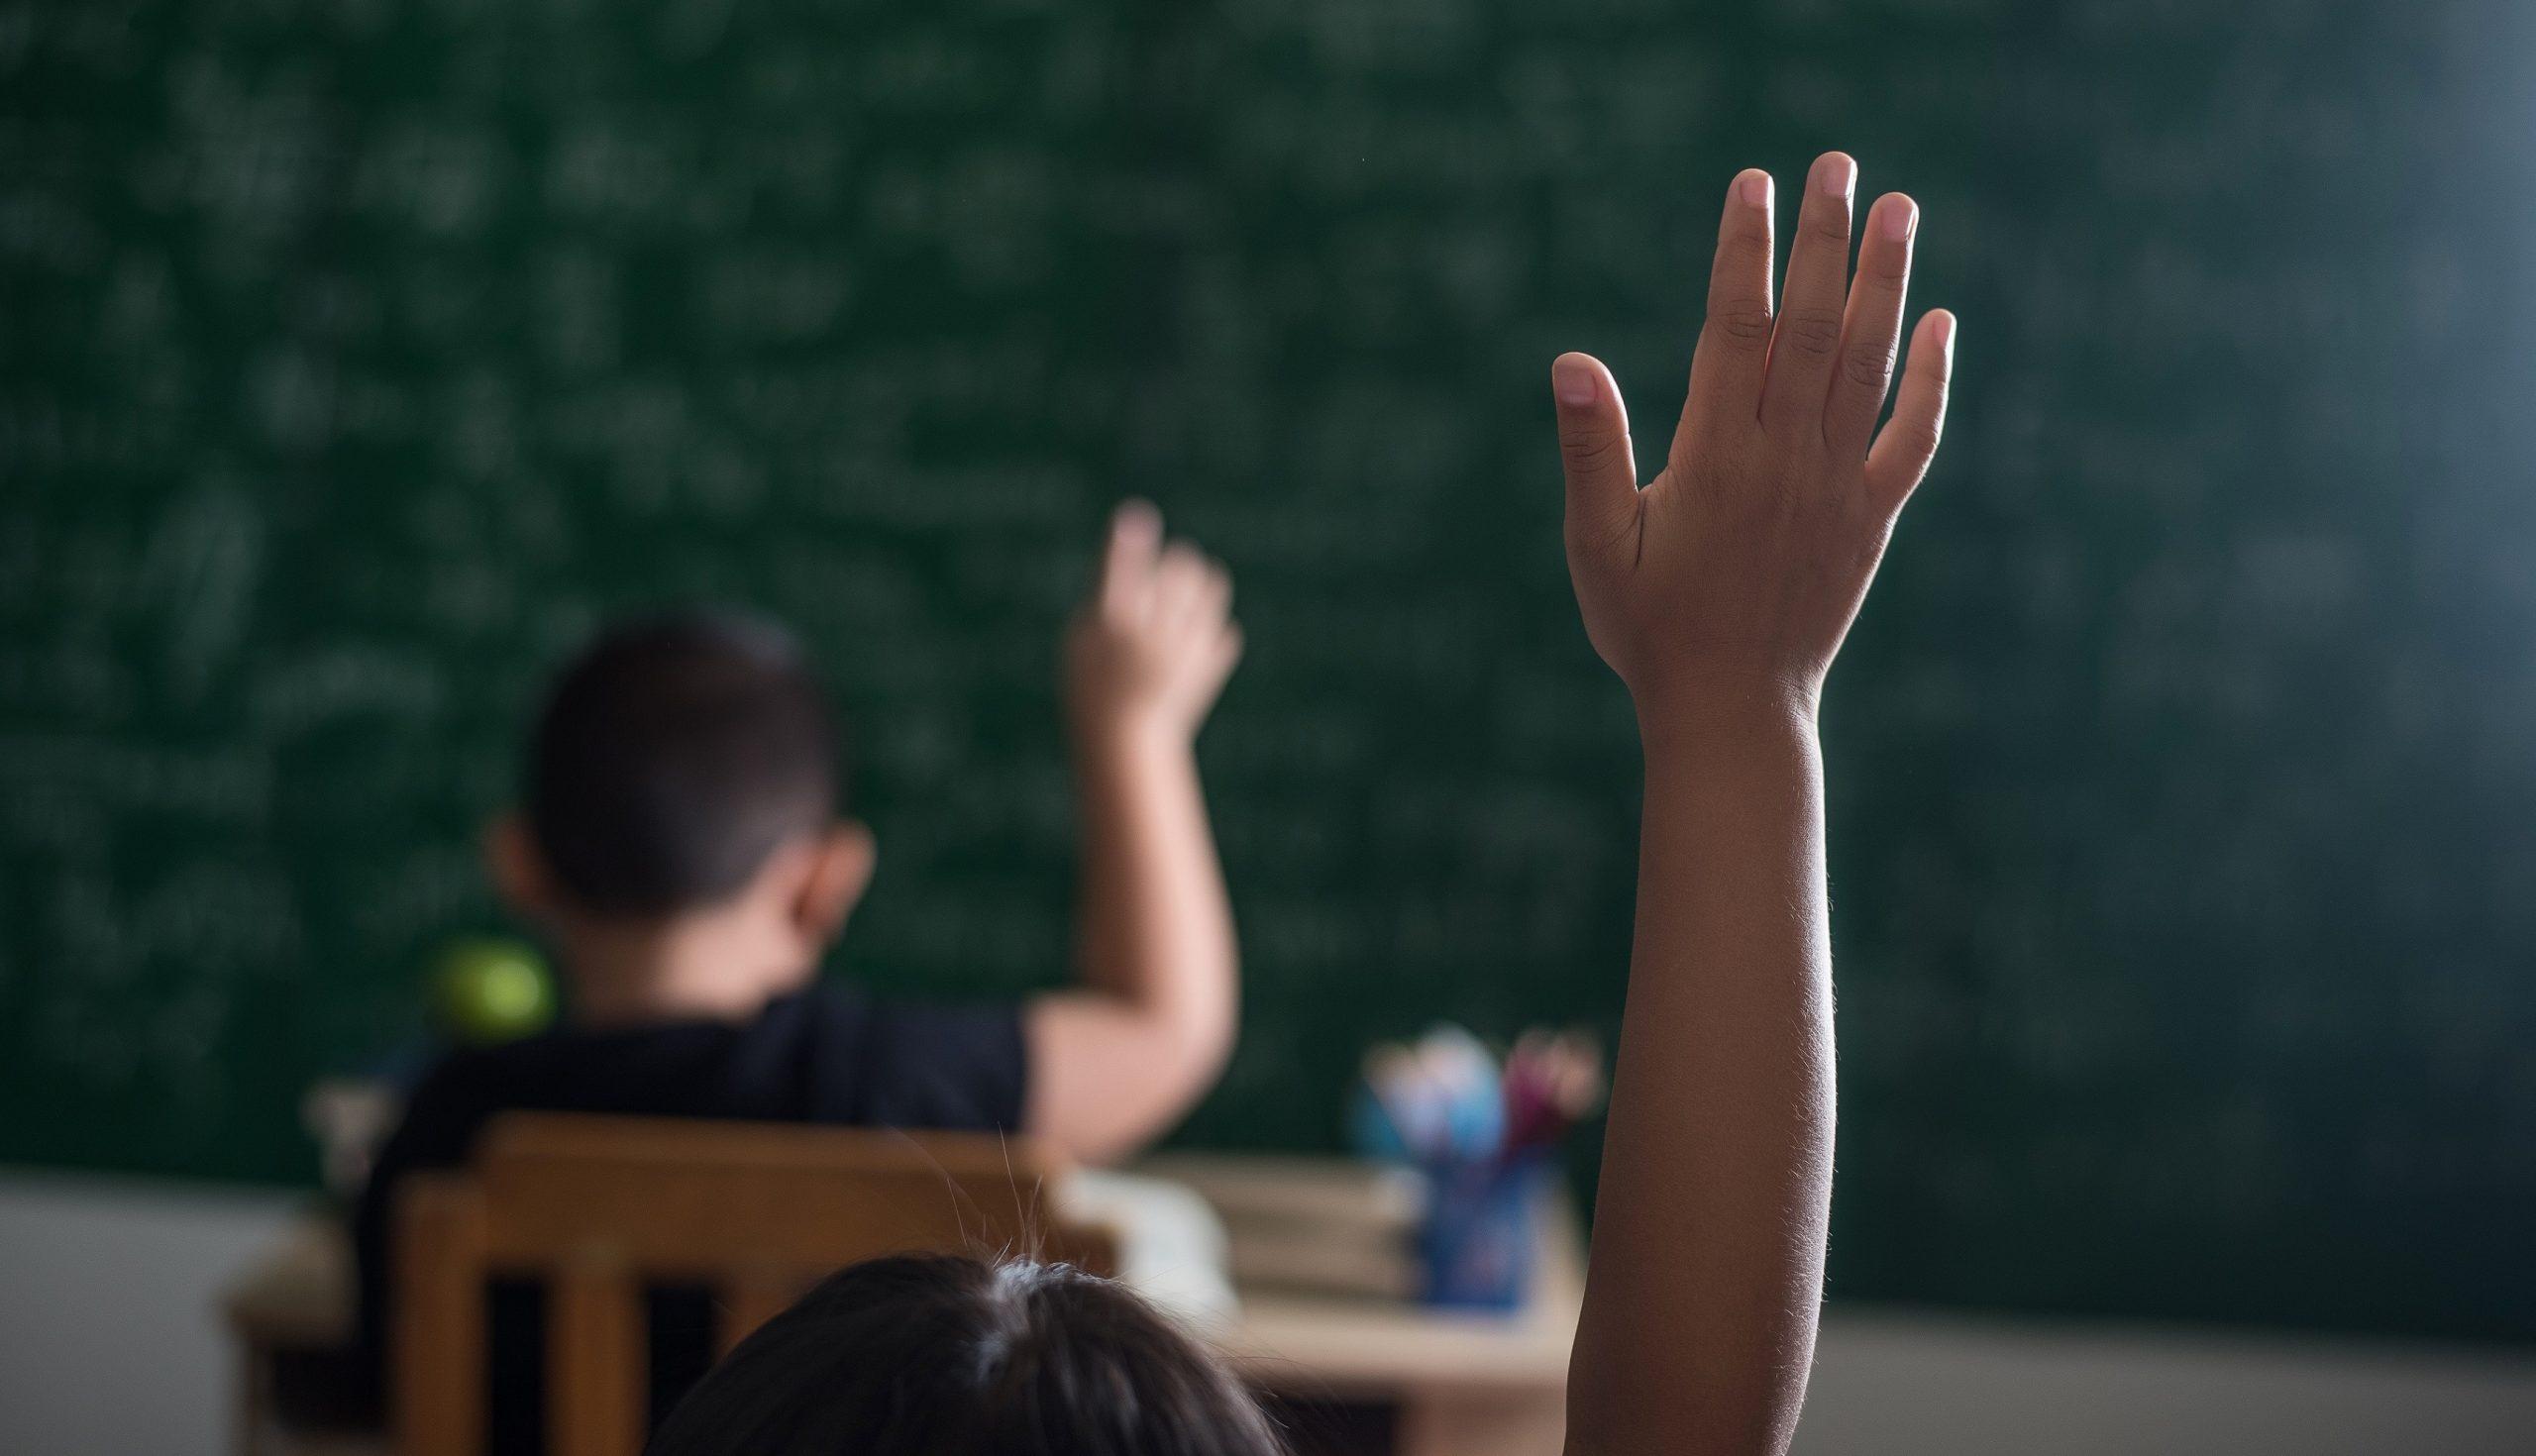 mejorar la educación matemática niños en clase